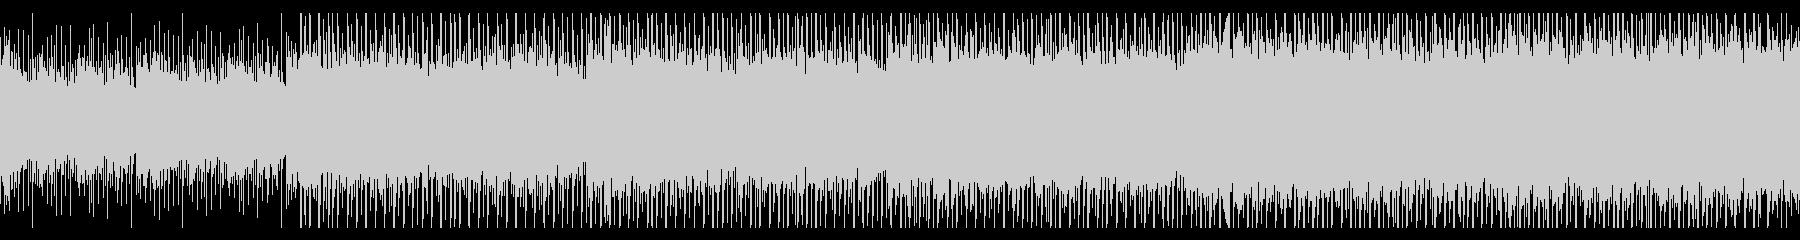 建設(ループ)の未再生の波形